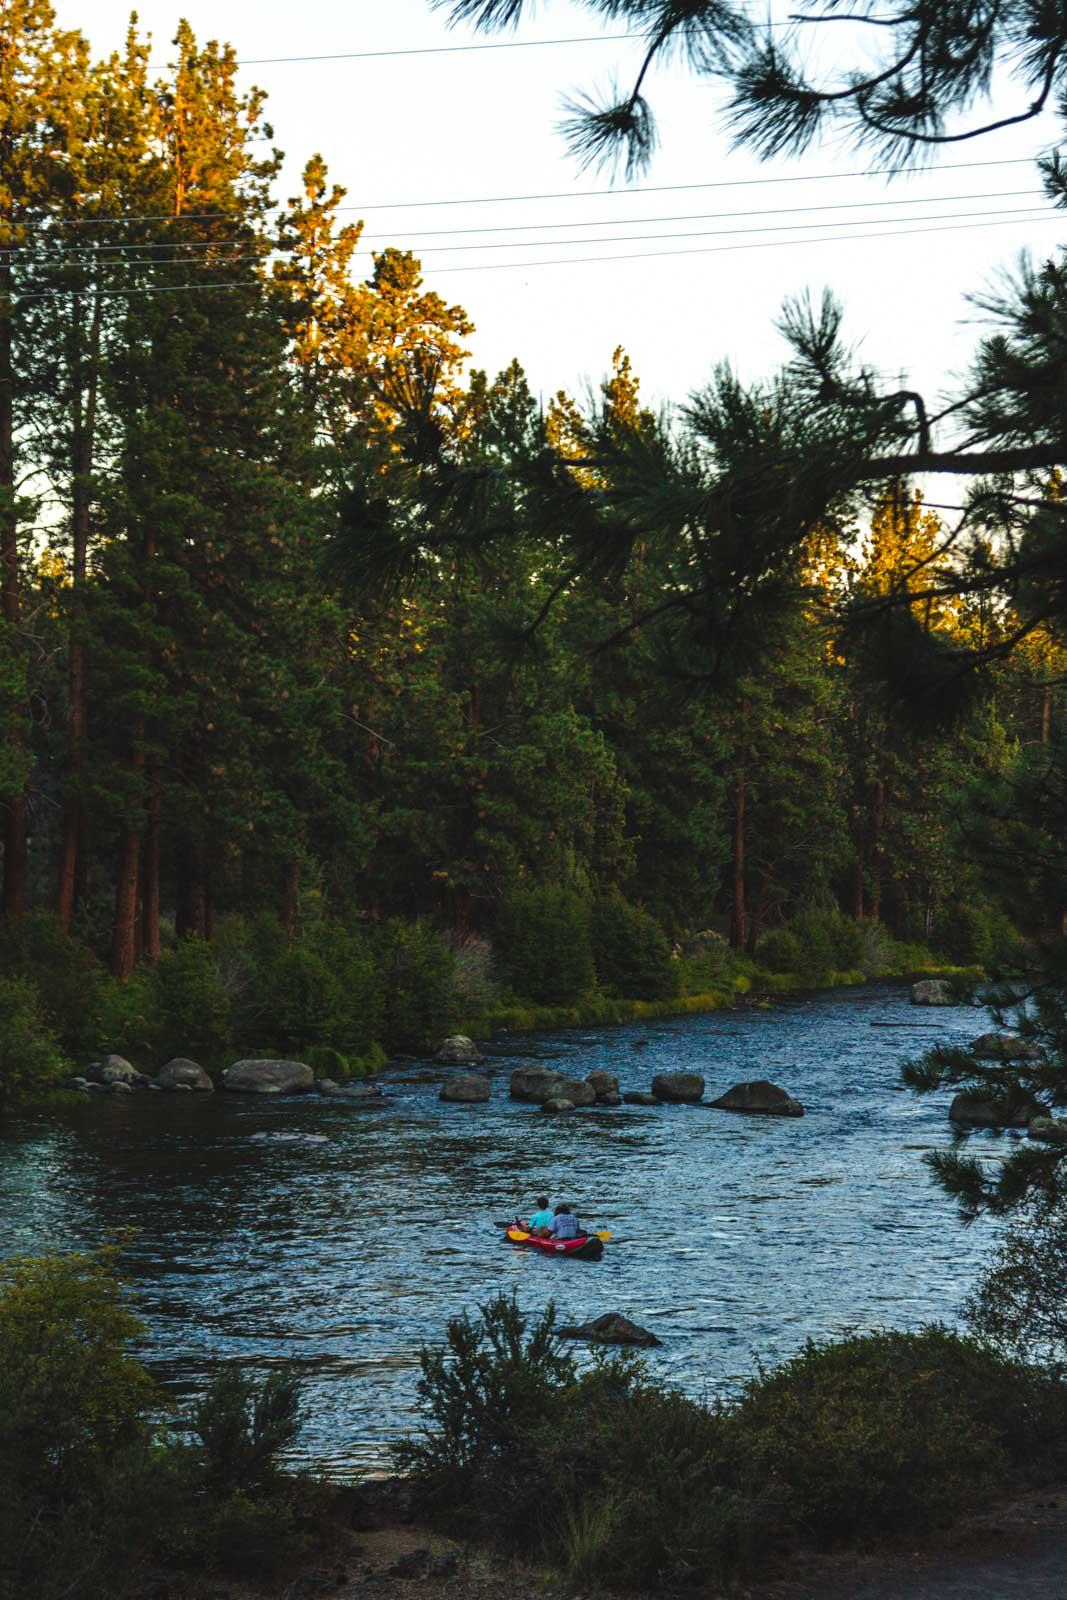 Deschutes River trail kayker